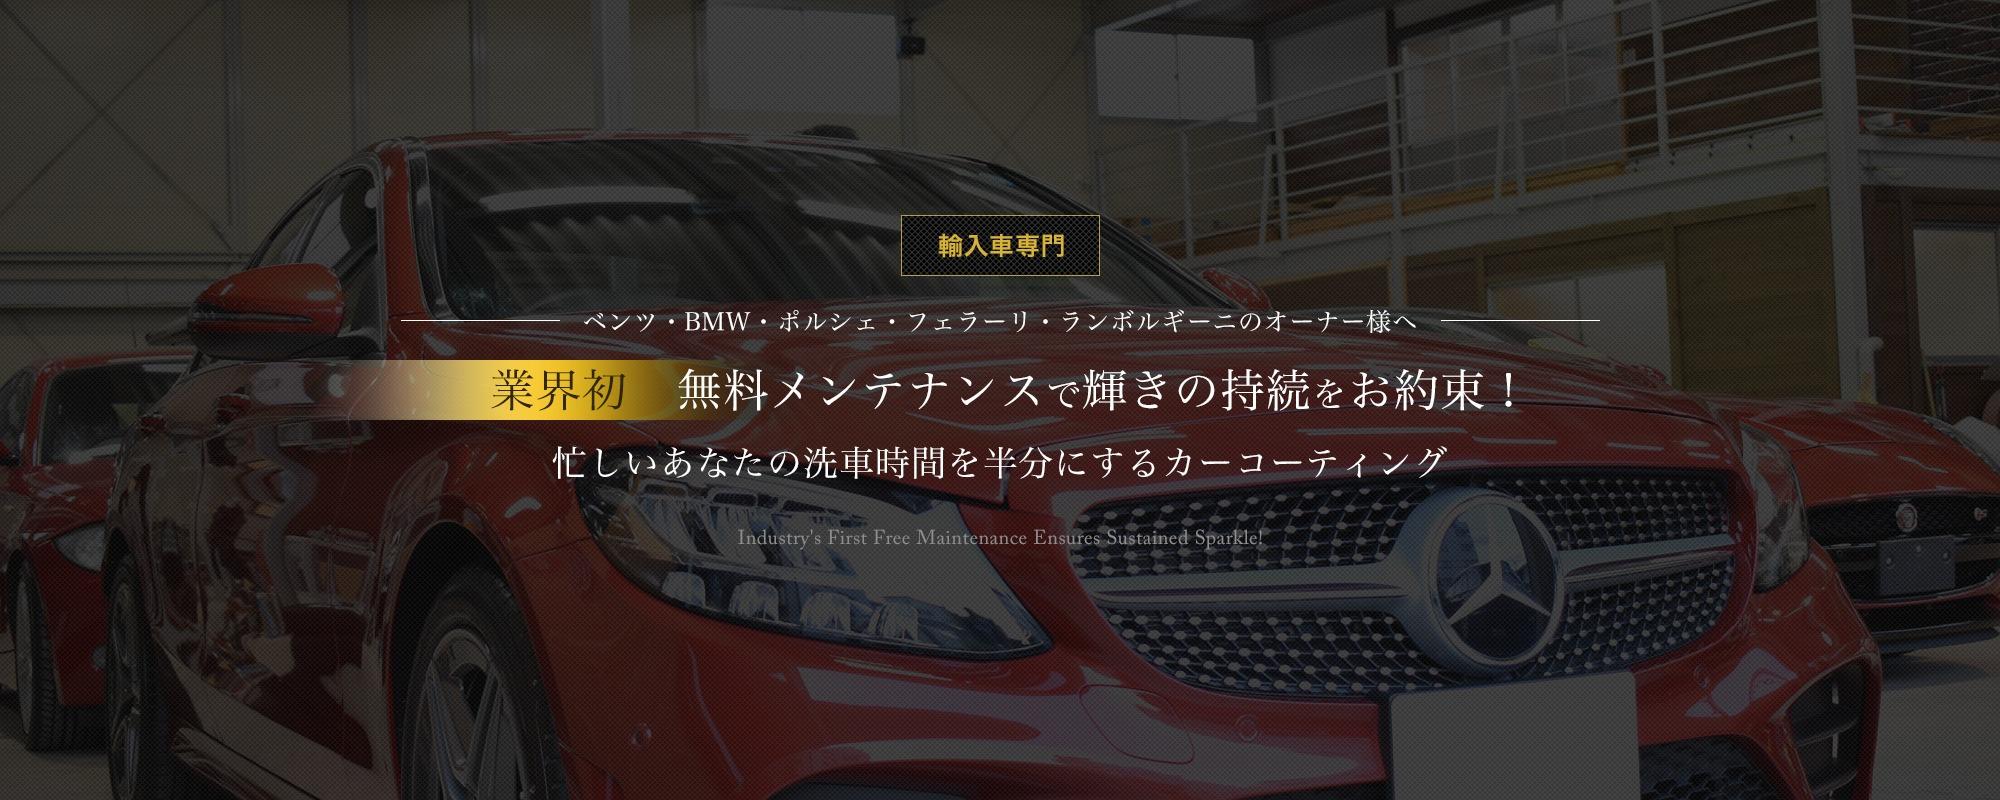 【横浜・川崎】定期メンテナンス無料のカーコーティングならブランズへ